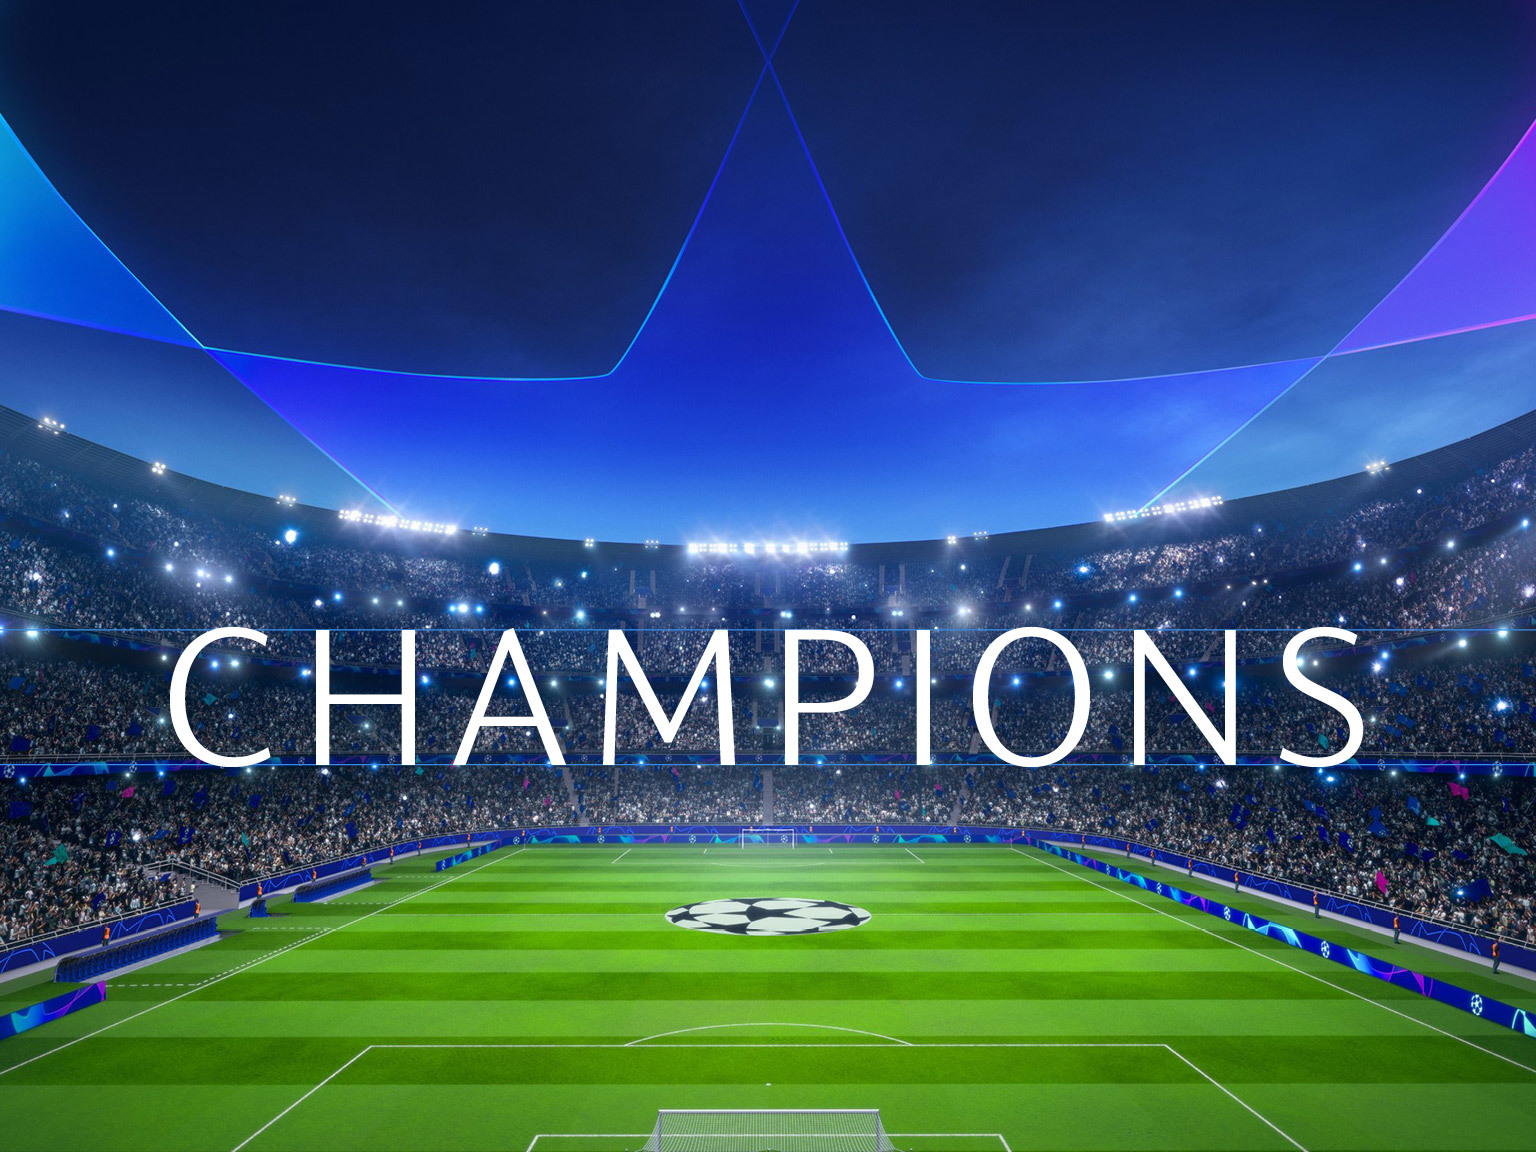 UEFA Champions League 2018 - Custom font design | Fontsmith